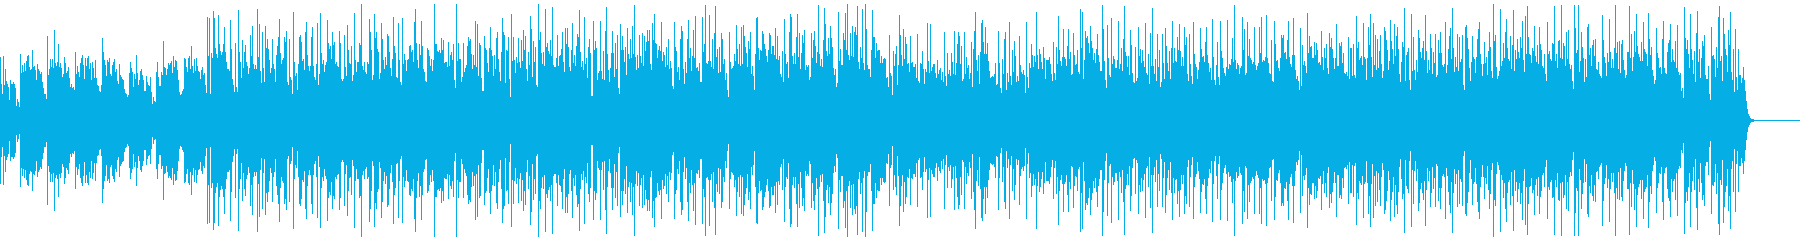 彷徨うエレキギターの再生済みの波形